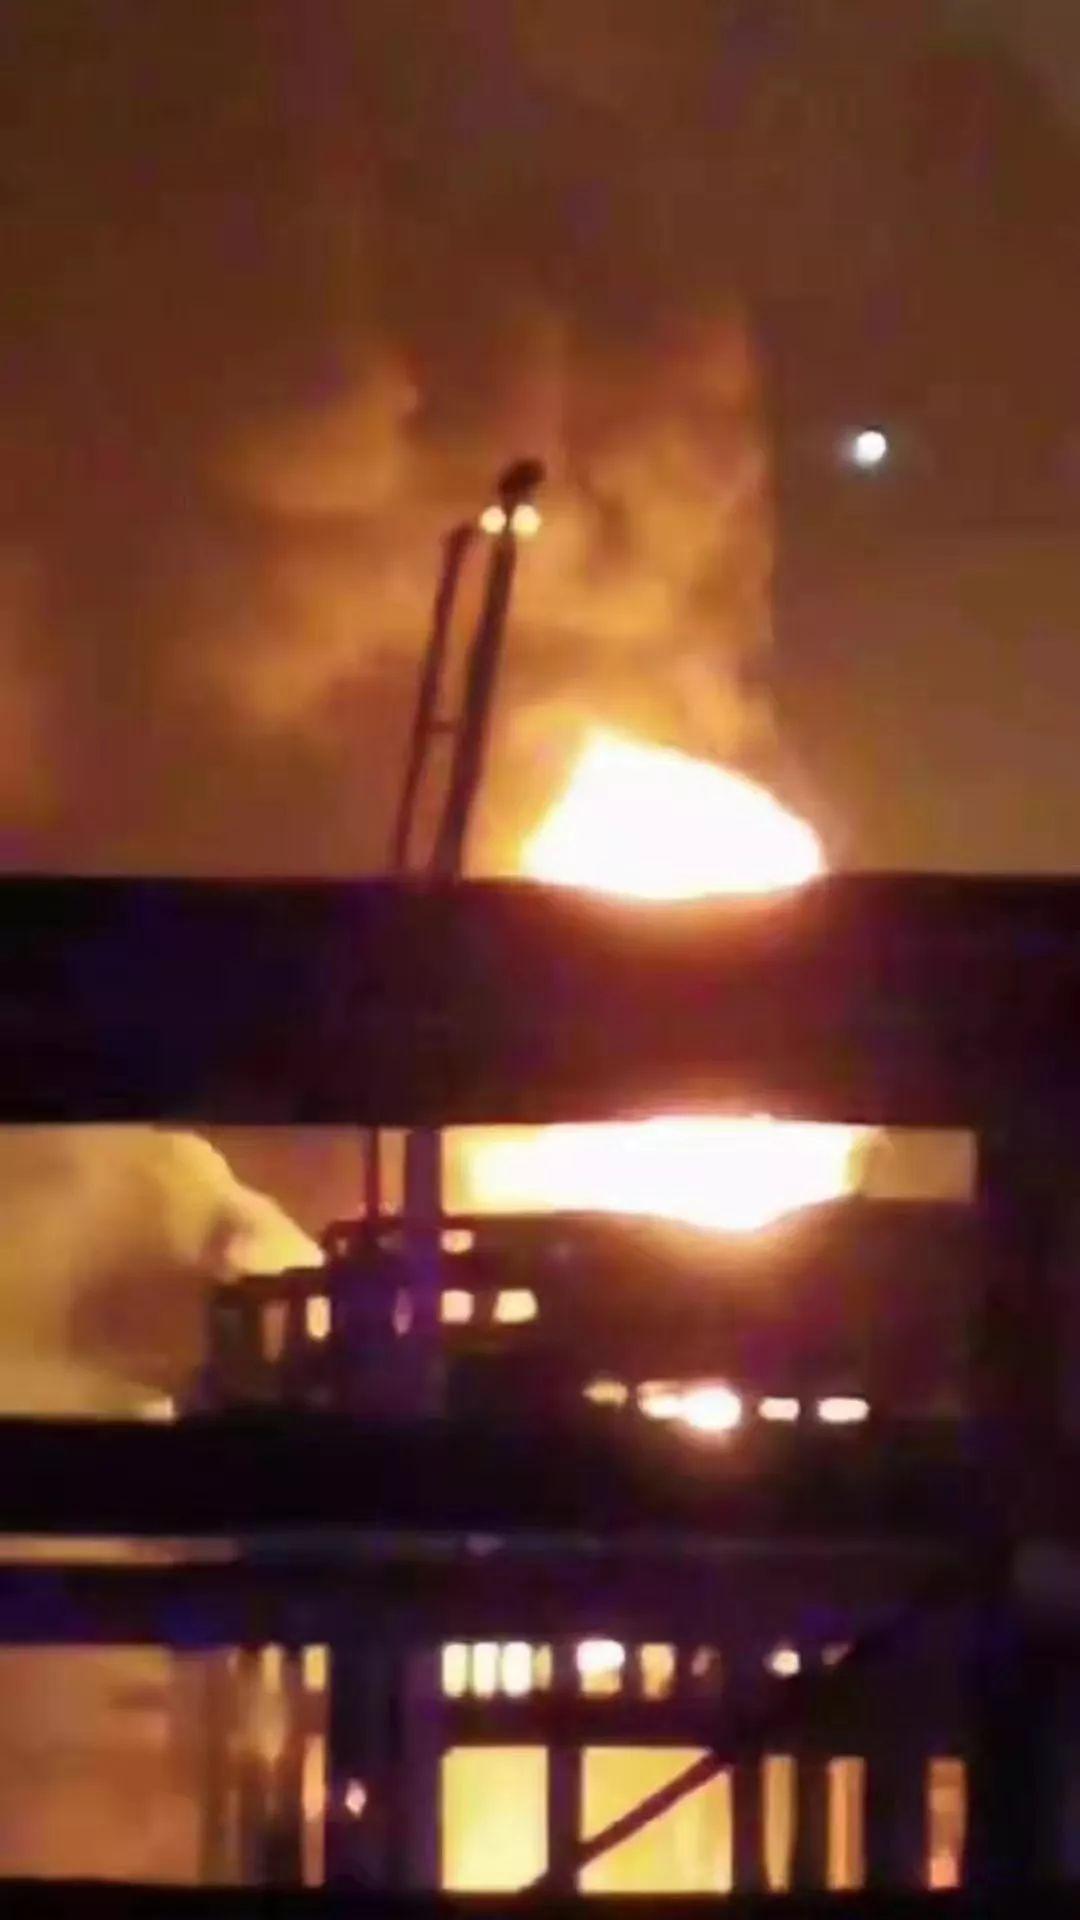 抚顺石油二厂起火